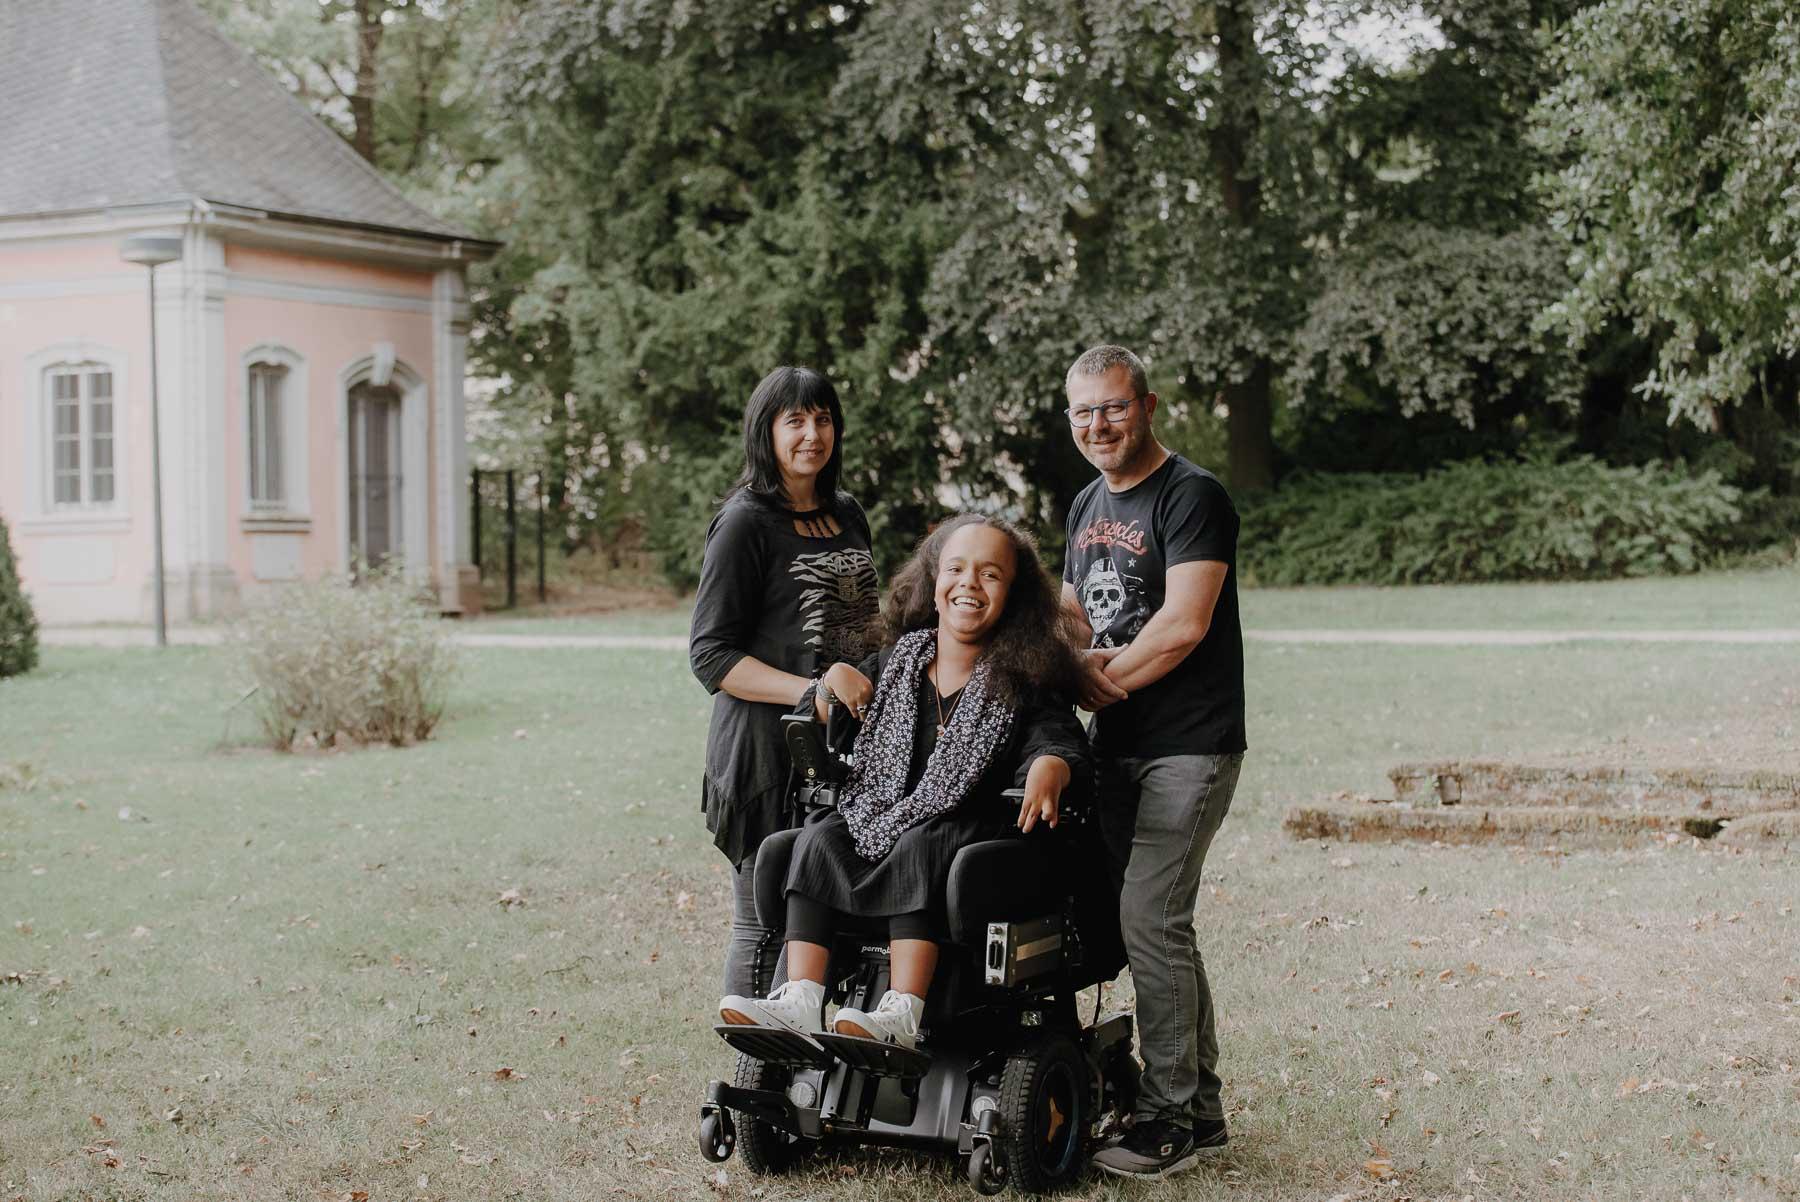 Trier-Rollstuhl-Portrait-Fotoshooting_13